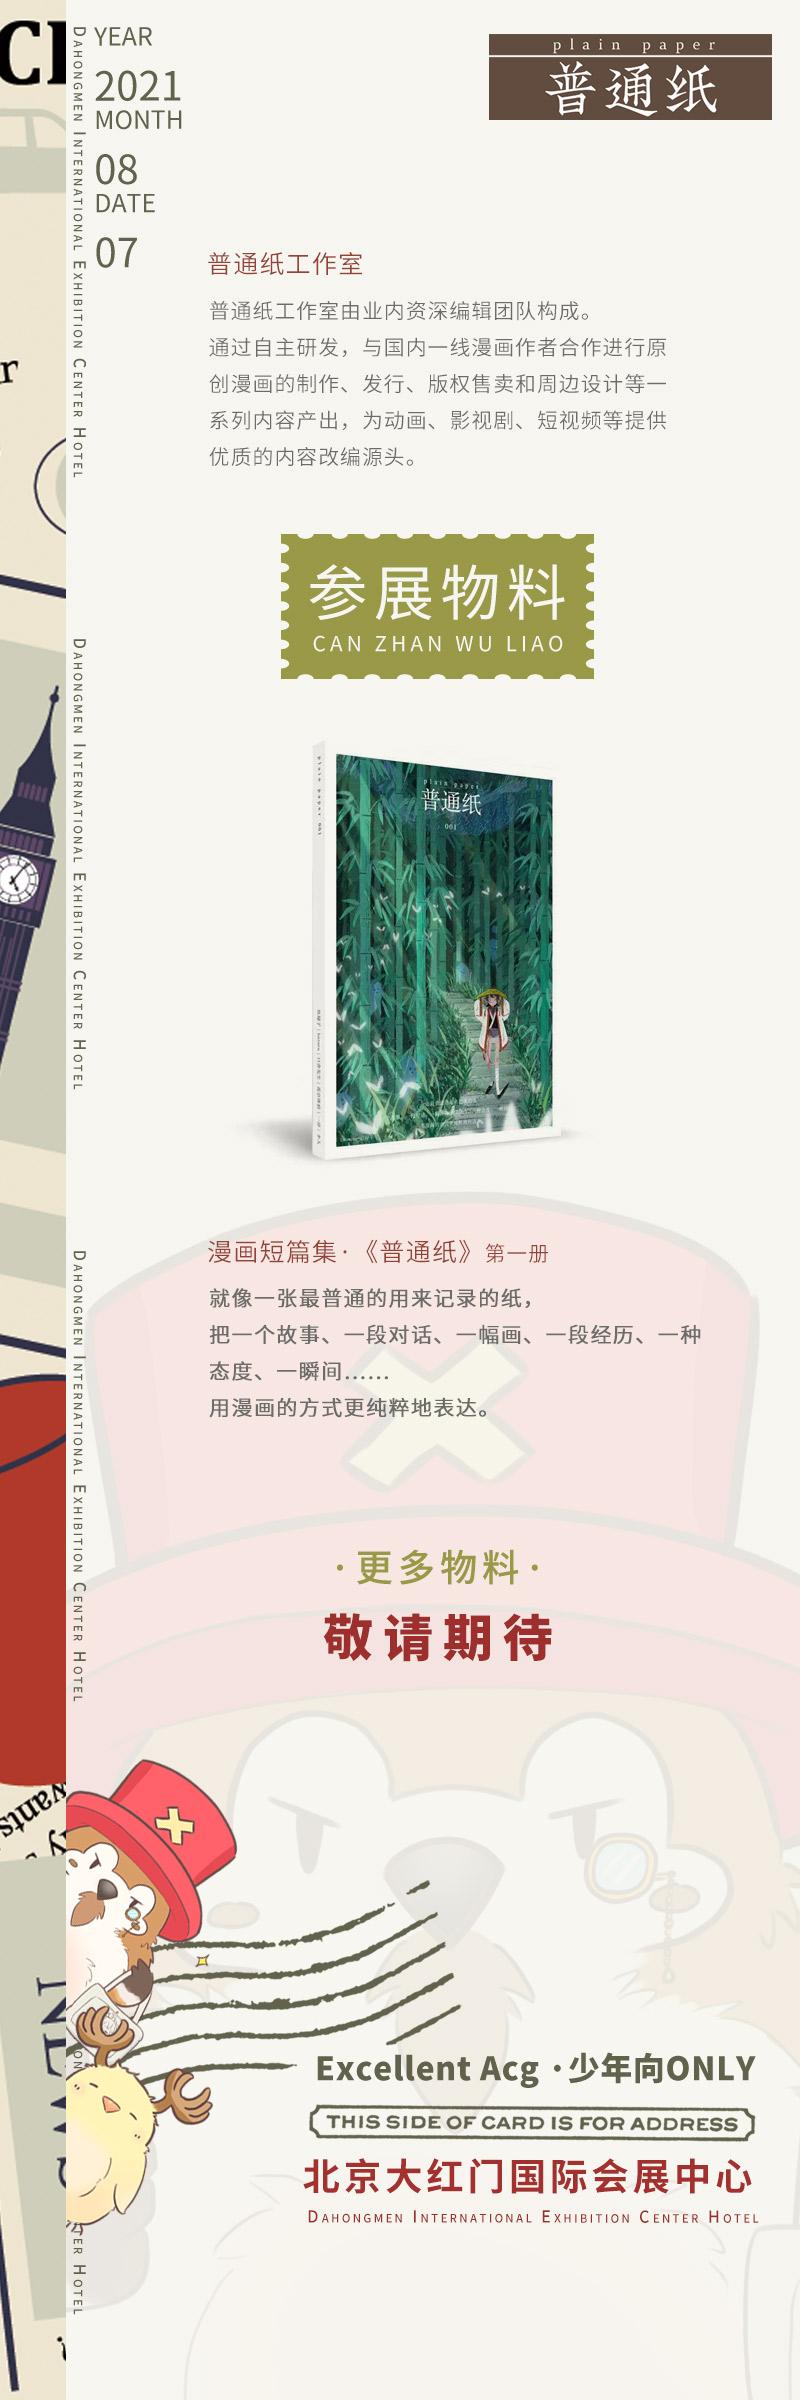 0807北京EXA少年向同人展,场内情报初公开